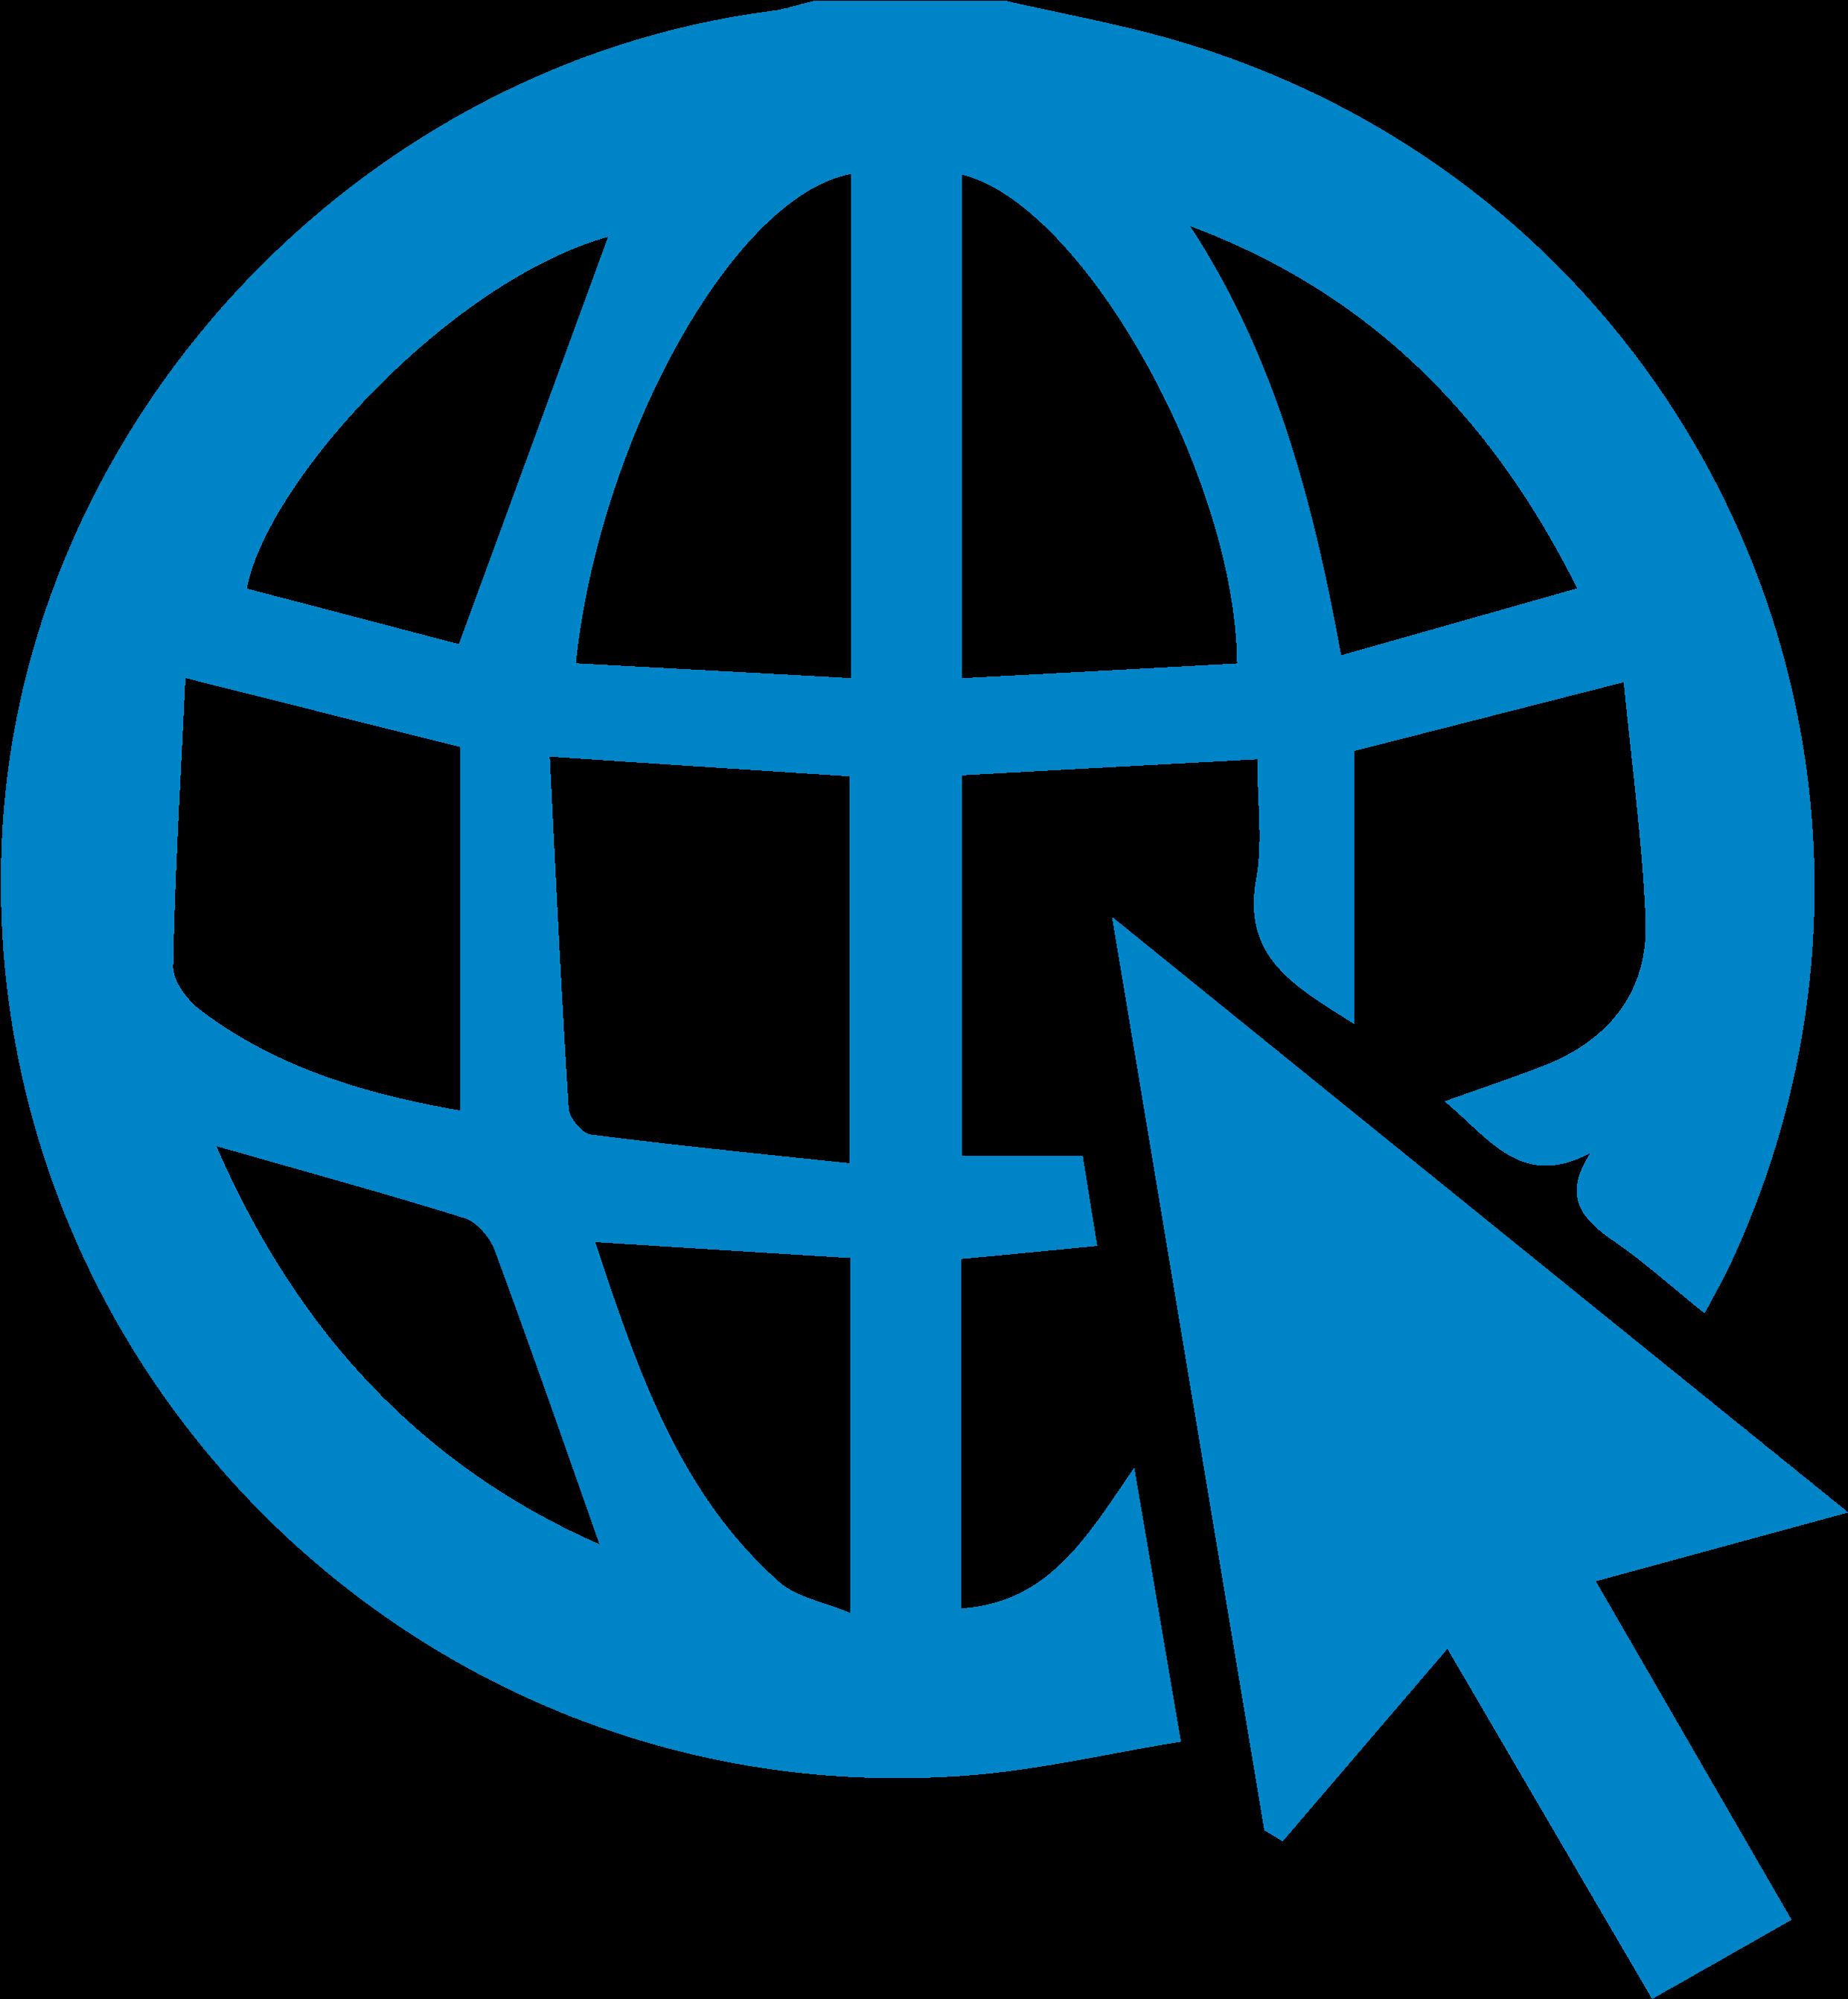 Создание иконки сайта ico создание сайта ru